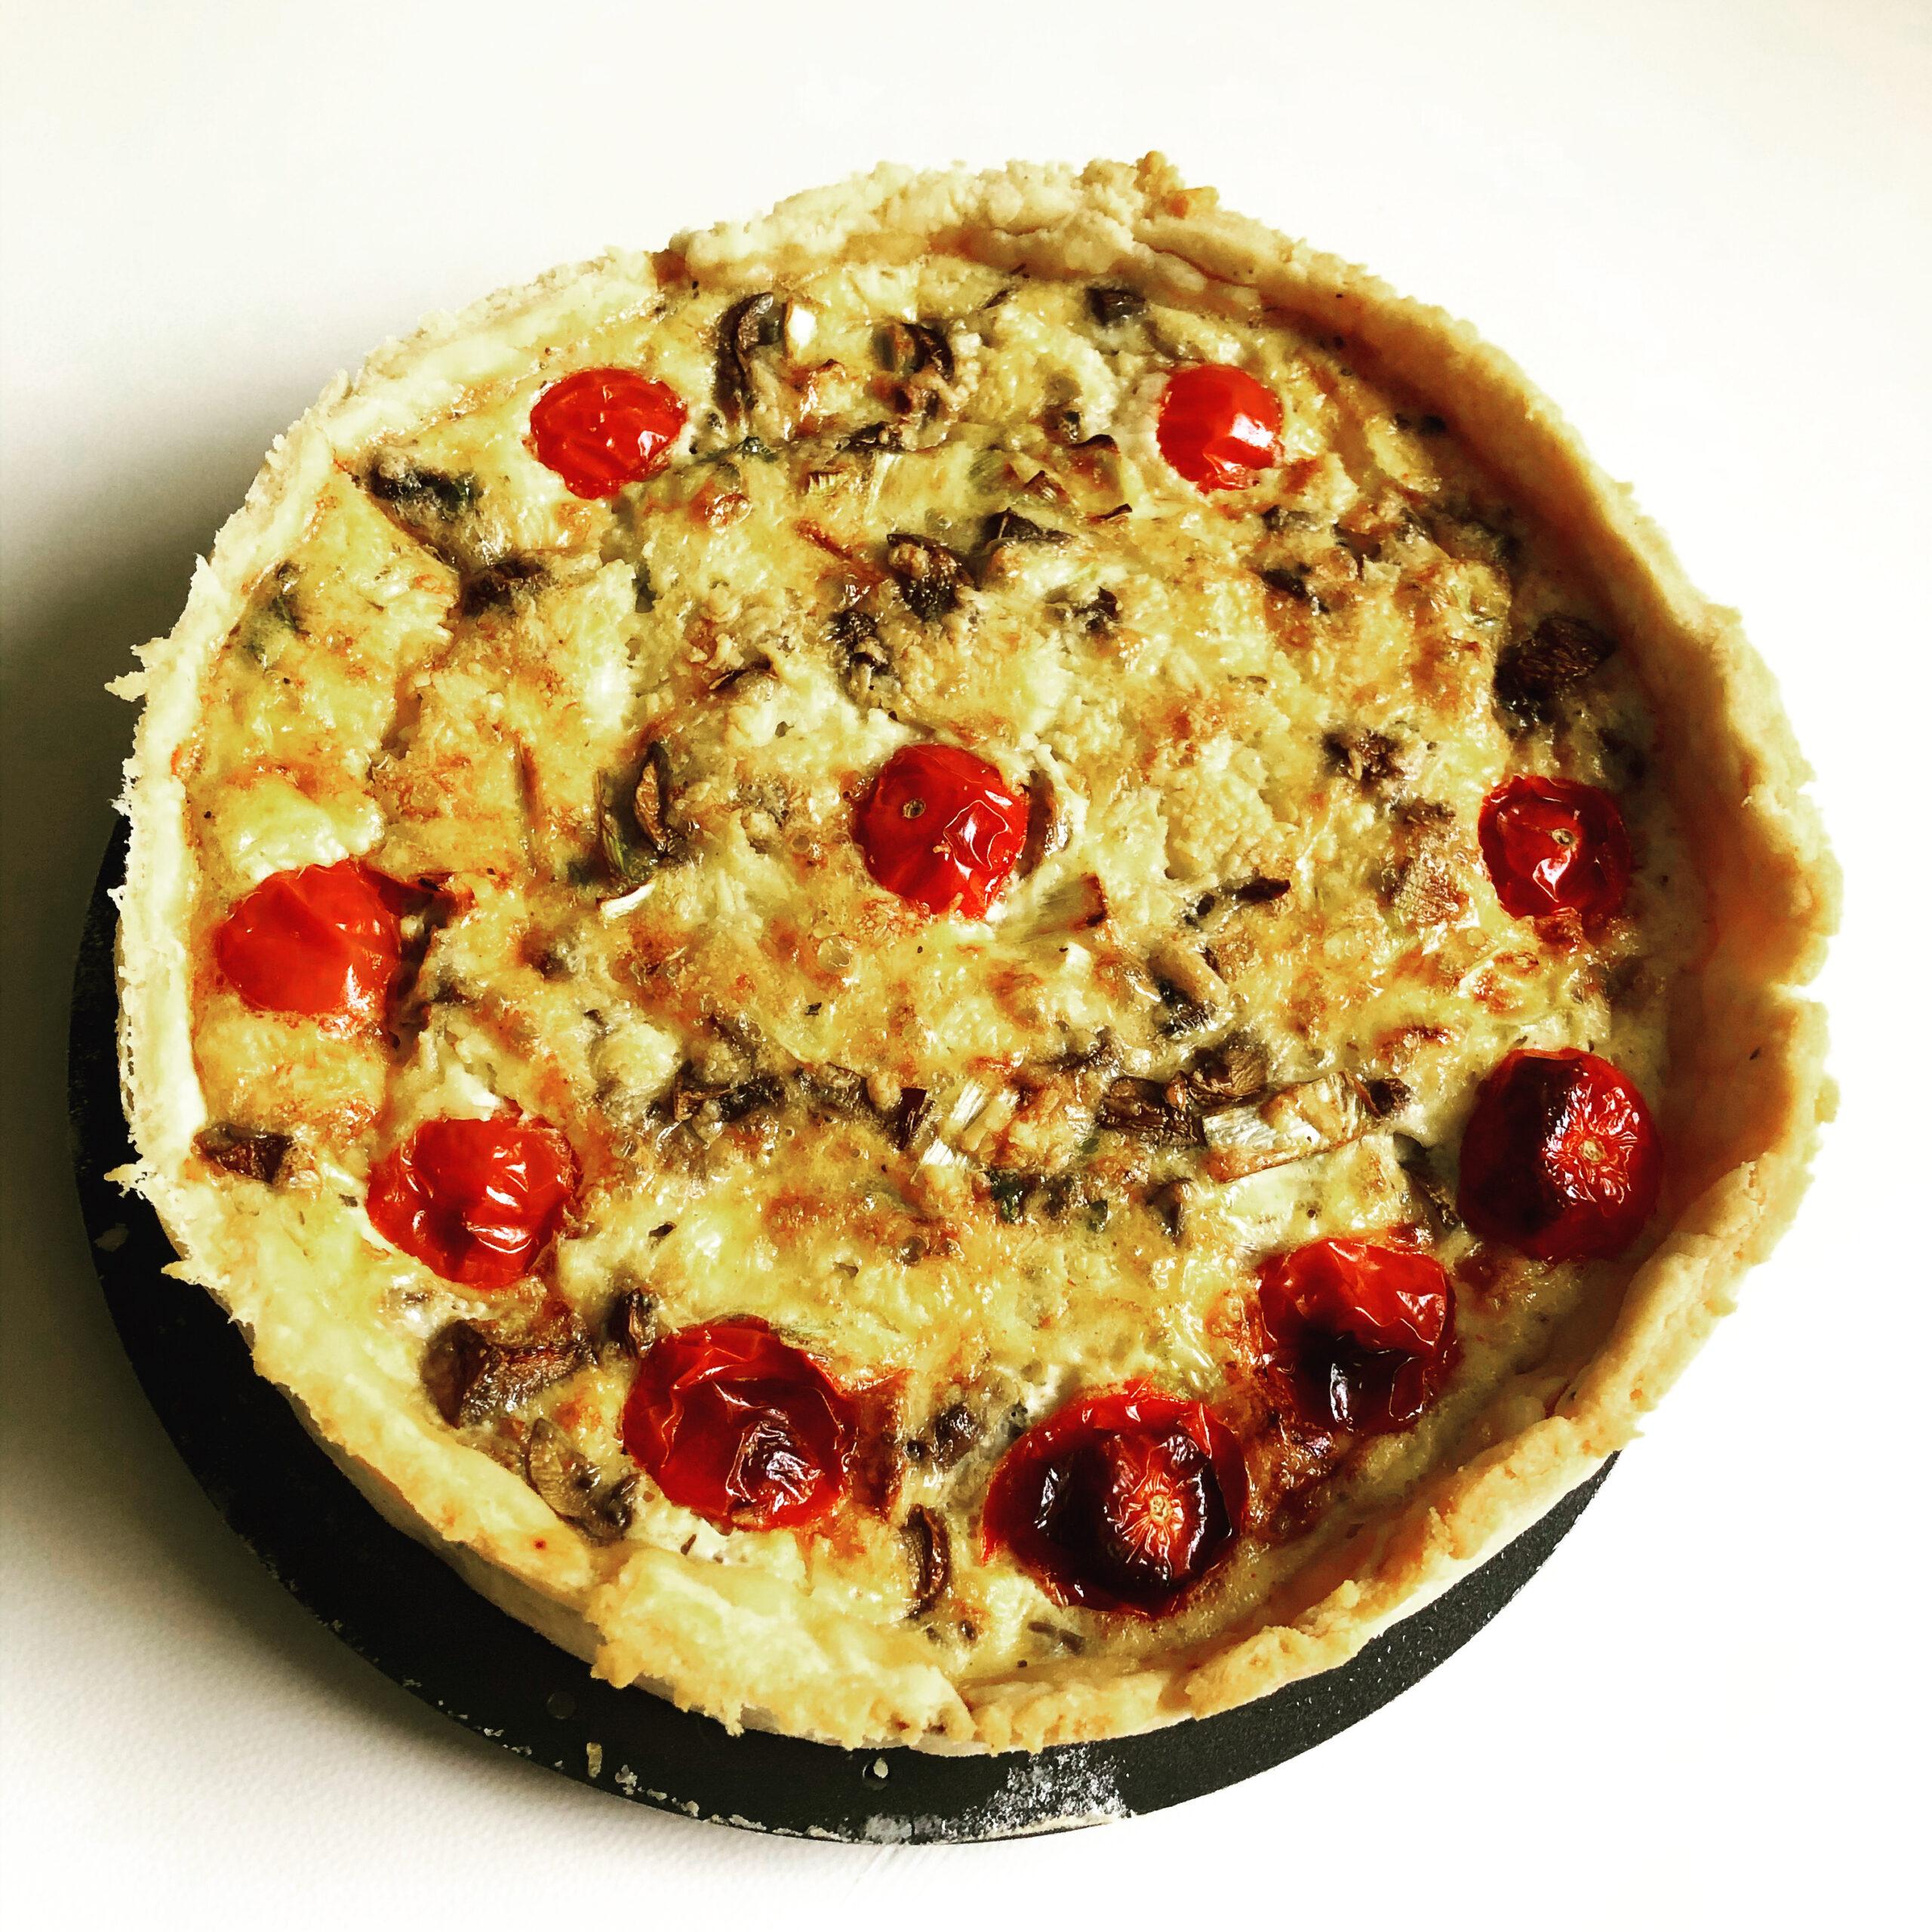 British Pie Week - dairy free, gluten free quiche. Did you know a quiche is a pie